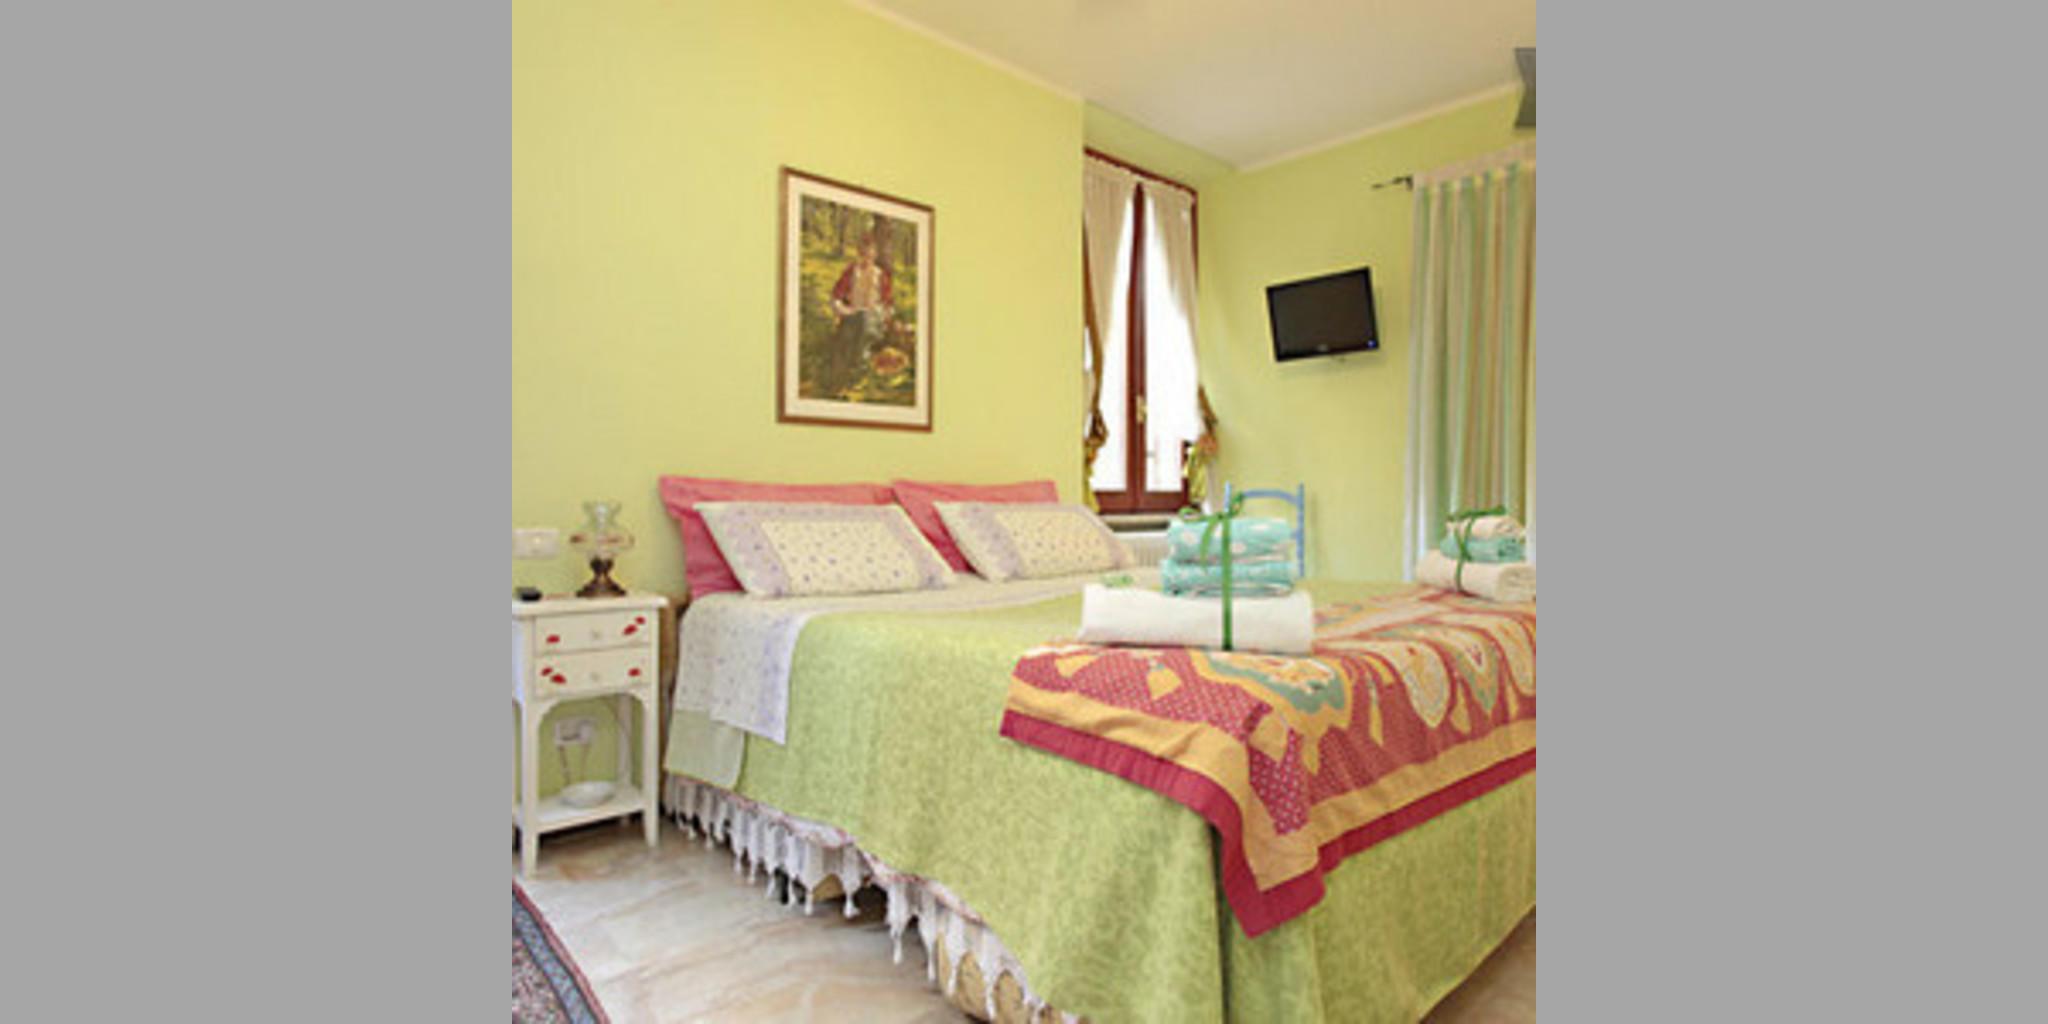 Bed & Breakfast San Benedetto Del Tronto - San Benedetto Del Tronto